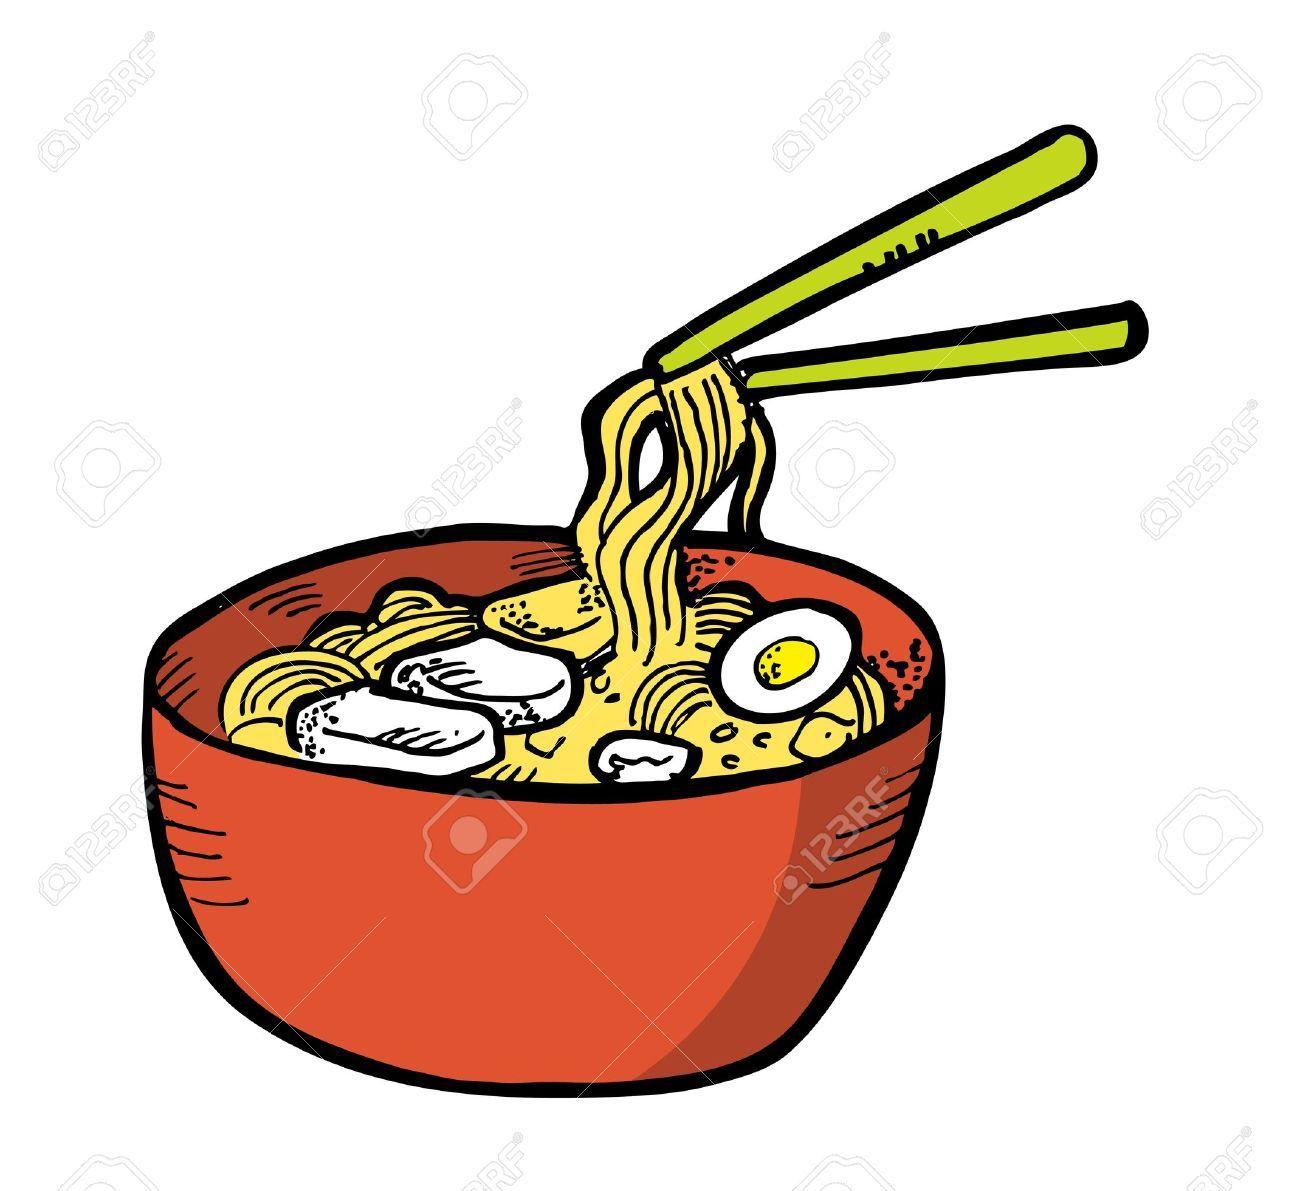 Noodles clipart. Ca f d b